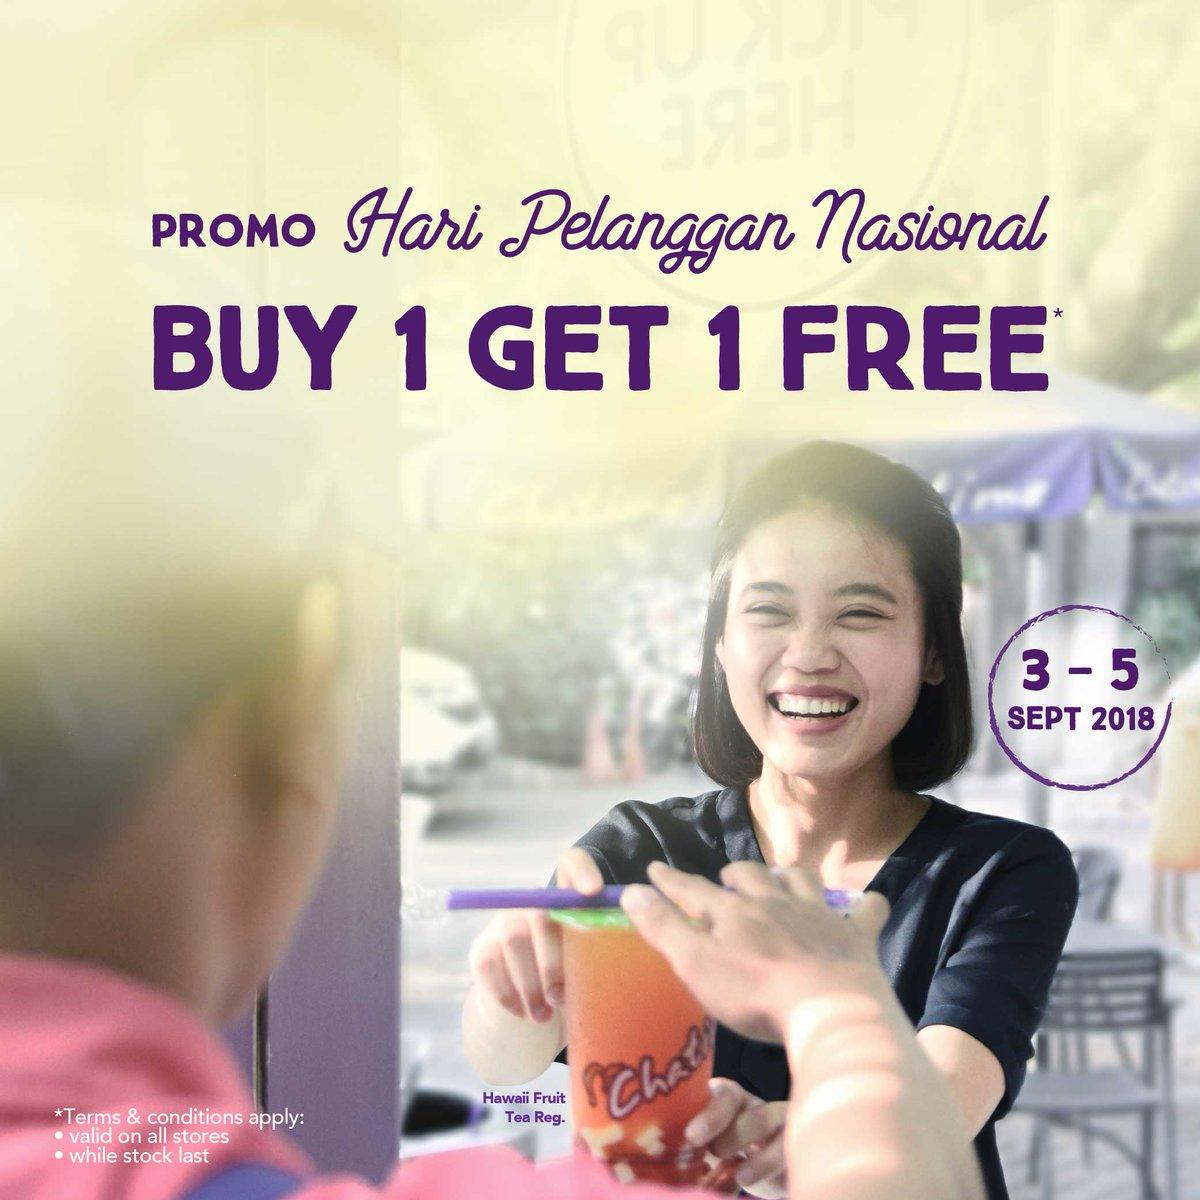 Chatime - Promo Buy 1 Get 1 Free di Hari Pelanggan Nasional (s.d 5 Spet 2018)